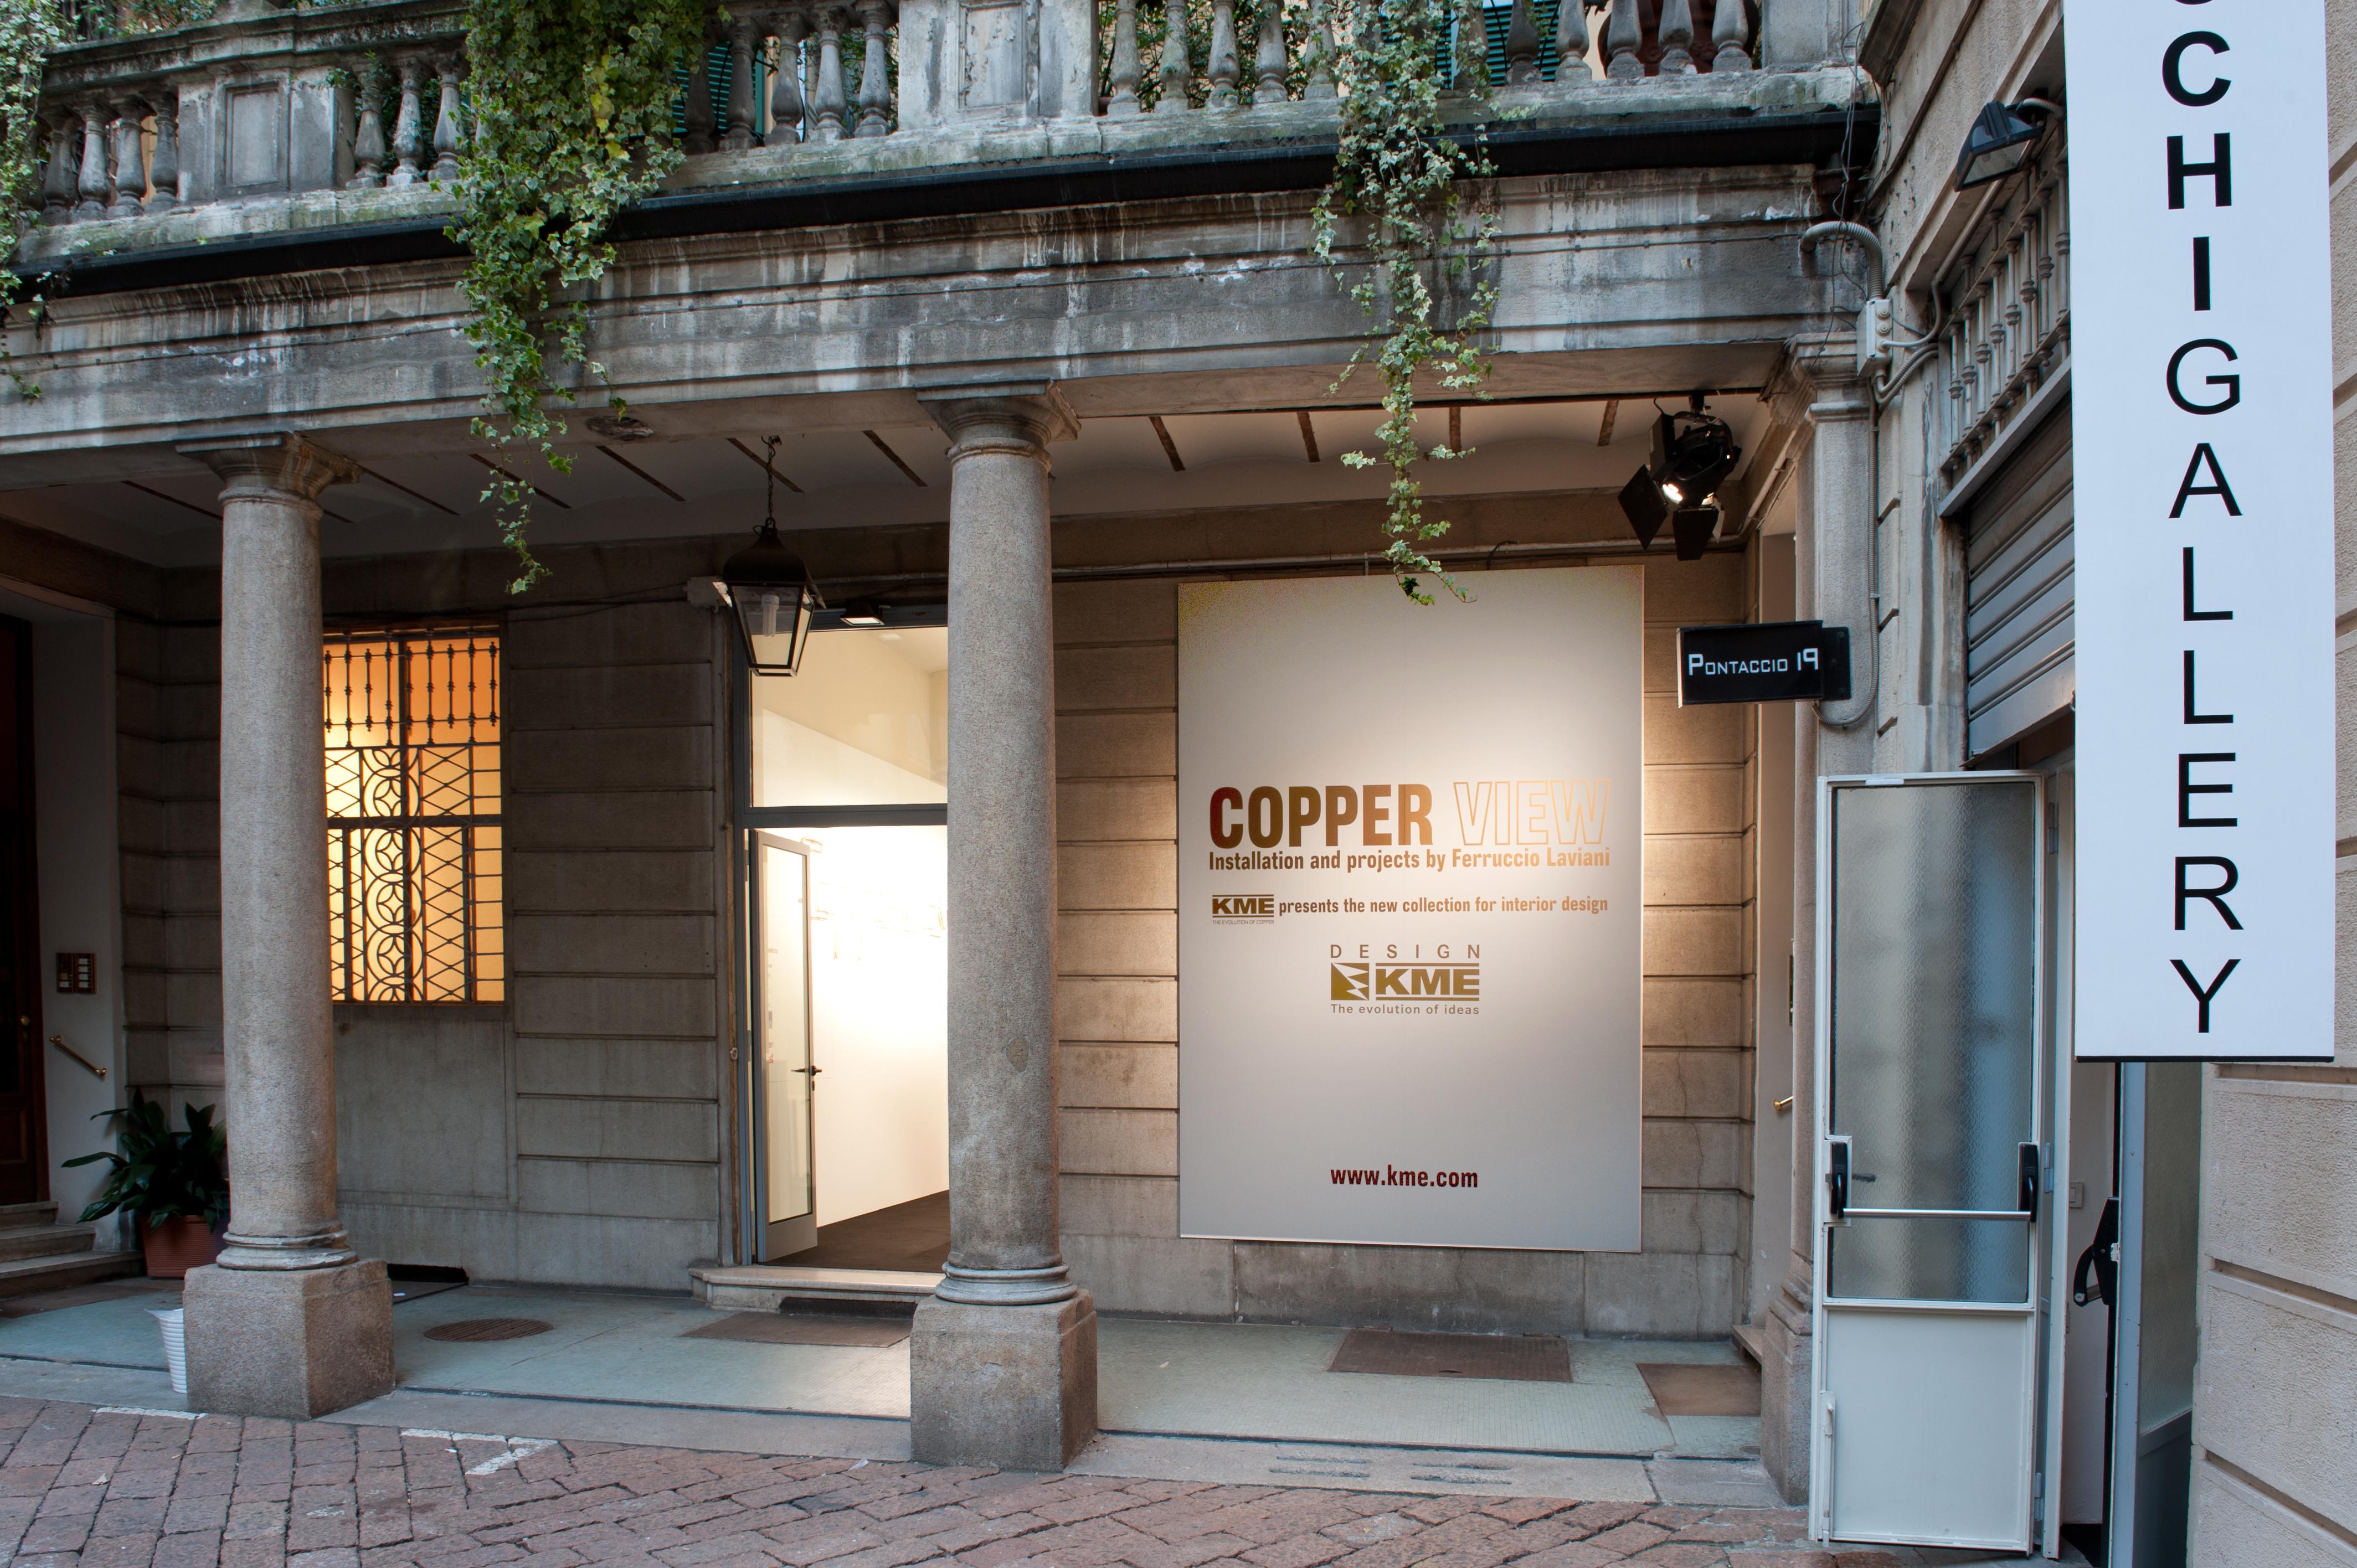 Copper View